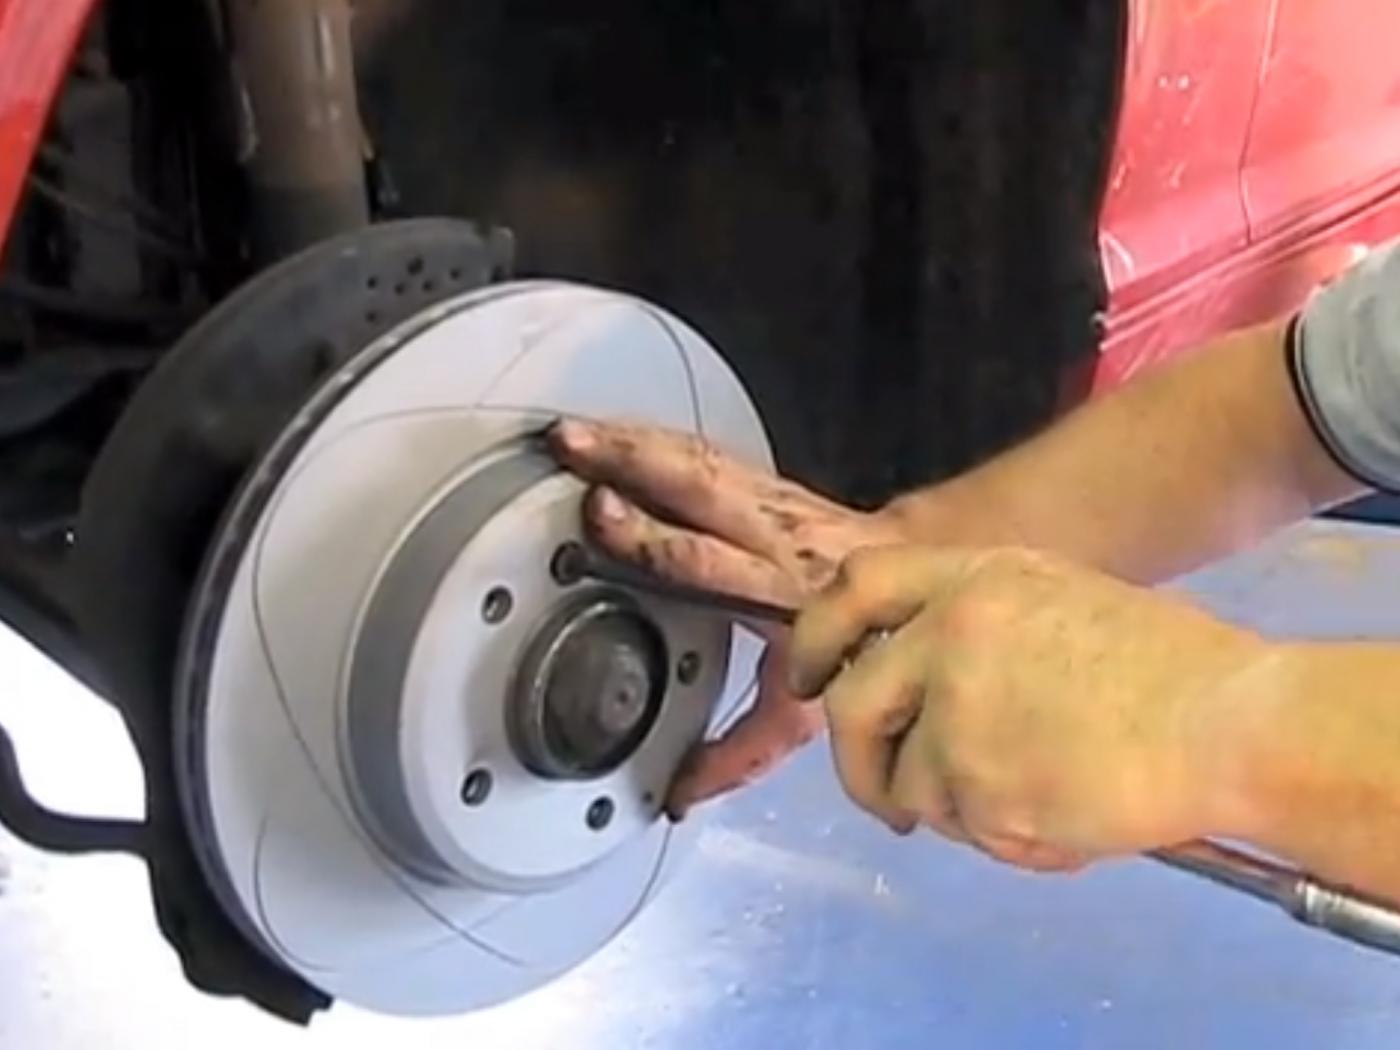 DIY-Remplacement-des-disques-et-plaquettes-de-freins-de-la-Serie-3-E90-7.jpeg